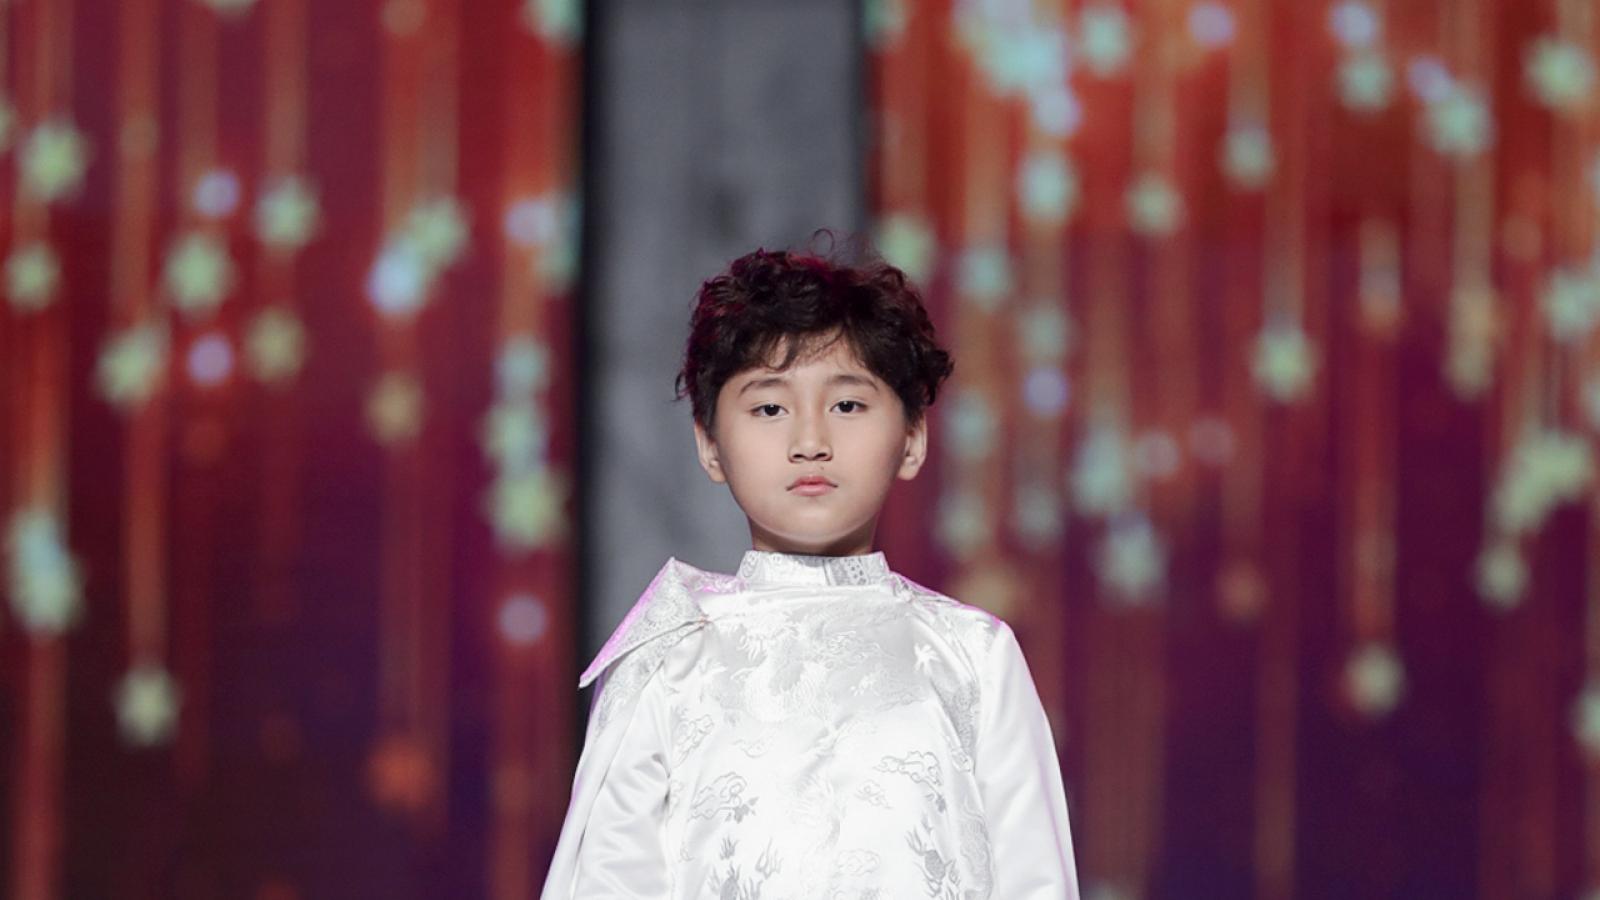 Mẫu nhí 9 tuổi Vũ Ngọc Trọng Phương gây ấn tượng tại Vietnam Junior Fashion Week